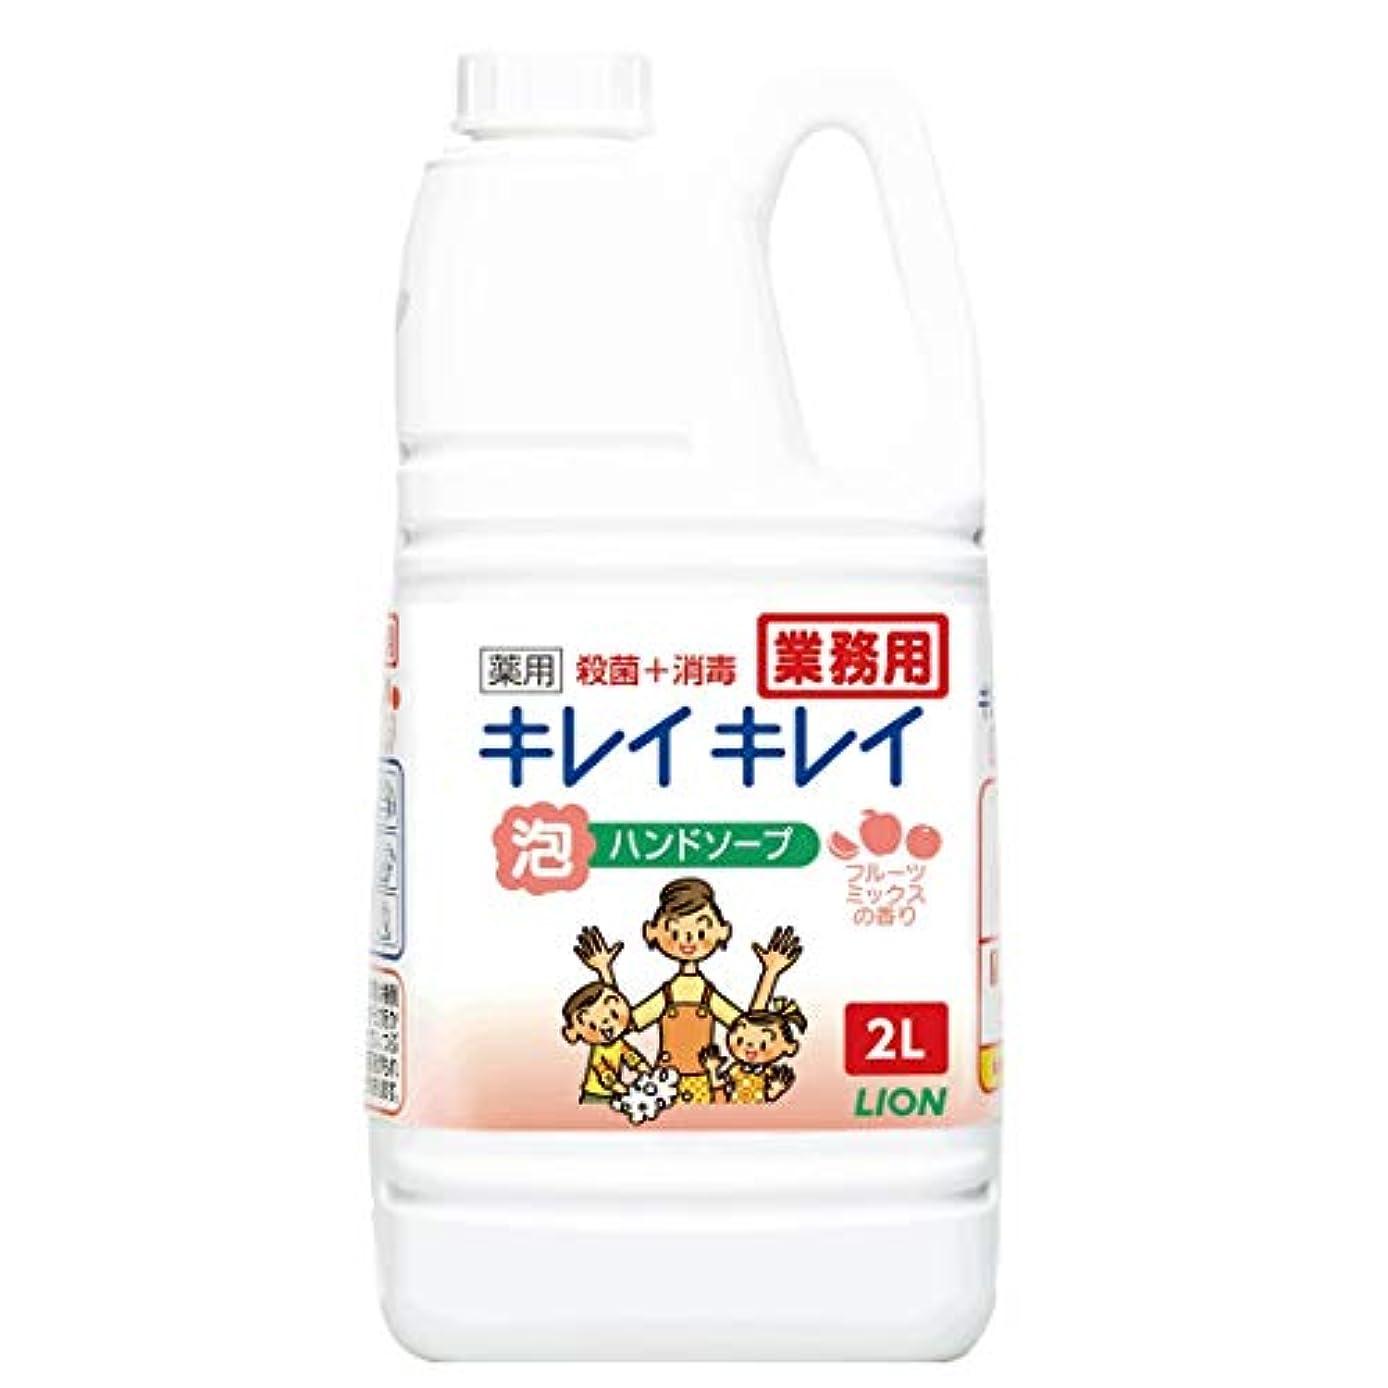 集める支援する乱闘【大容量】キレイキレイ 薬用泡ハンドソープ フルーツミックスの香り 2L